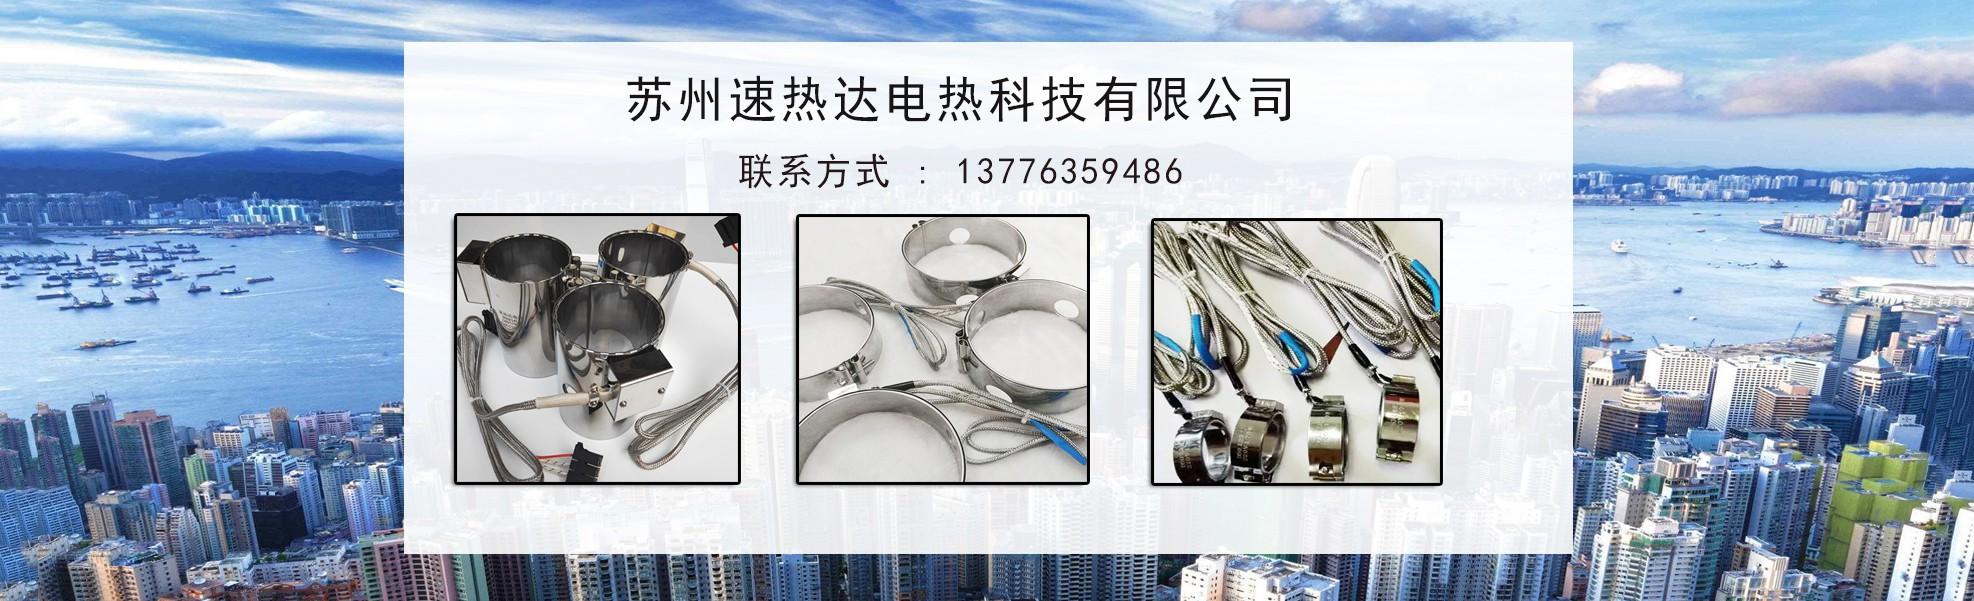 宁波住友注塑机加热圈供应